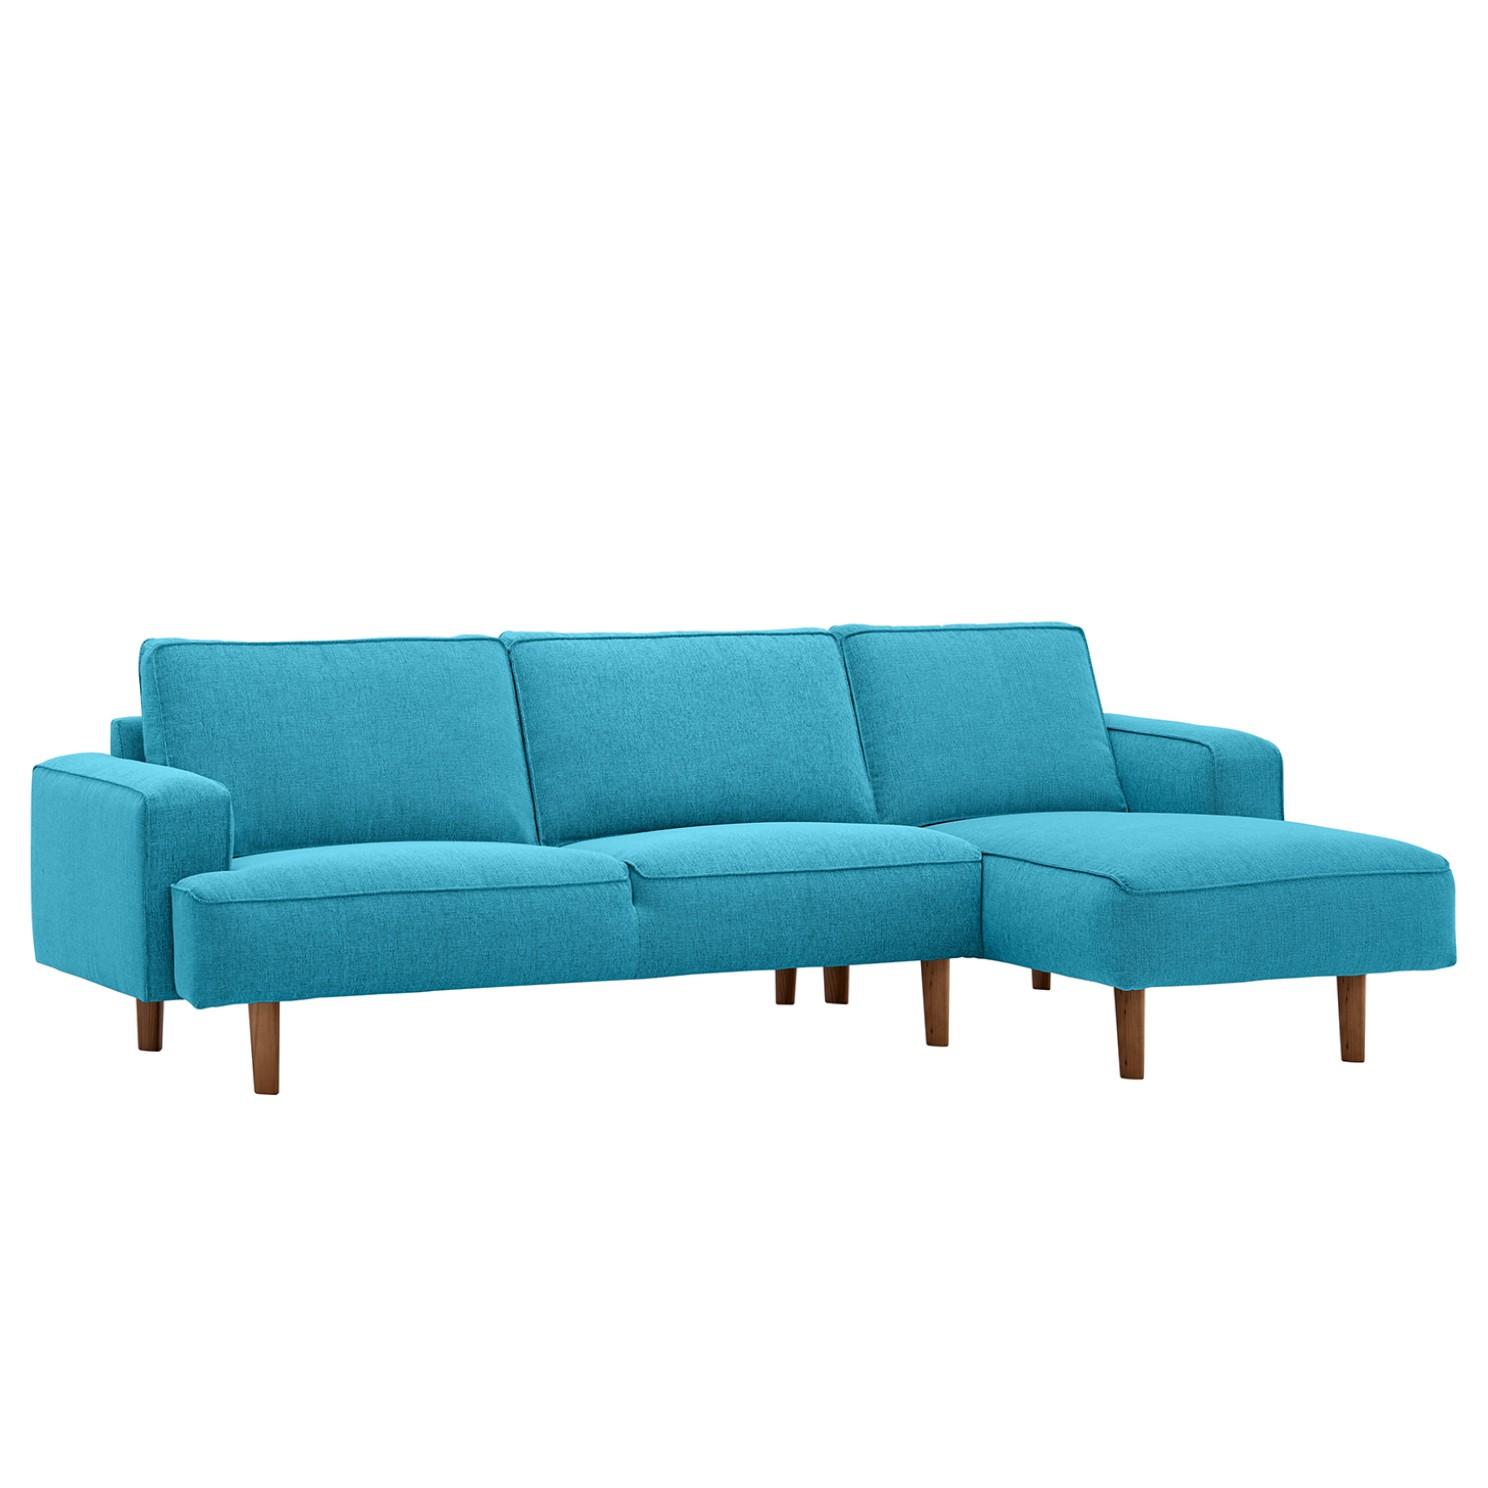 goedkoop Hoekbank Navona geweven stof longchair vooraanzicht rechts Walnootkleurig Stof Anda II Turquoise Studio Copenhagen